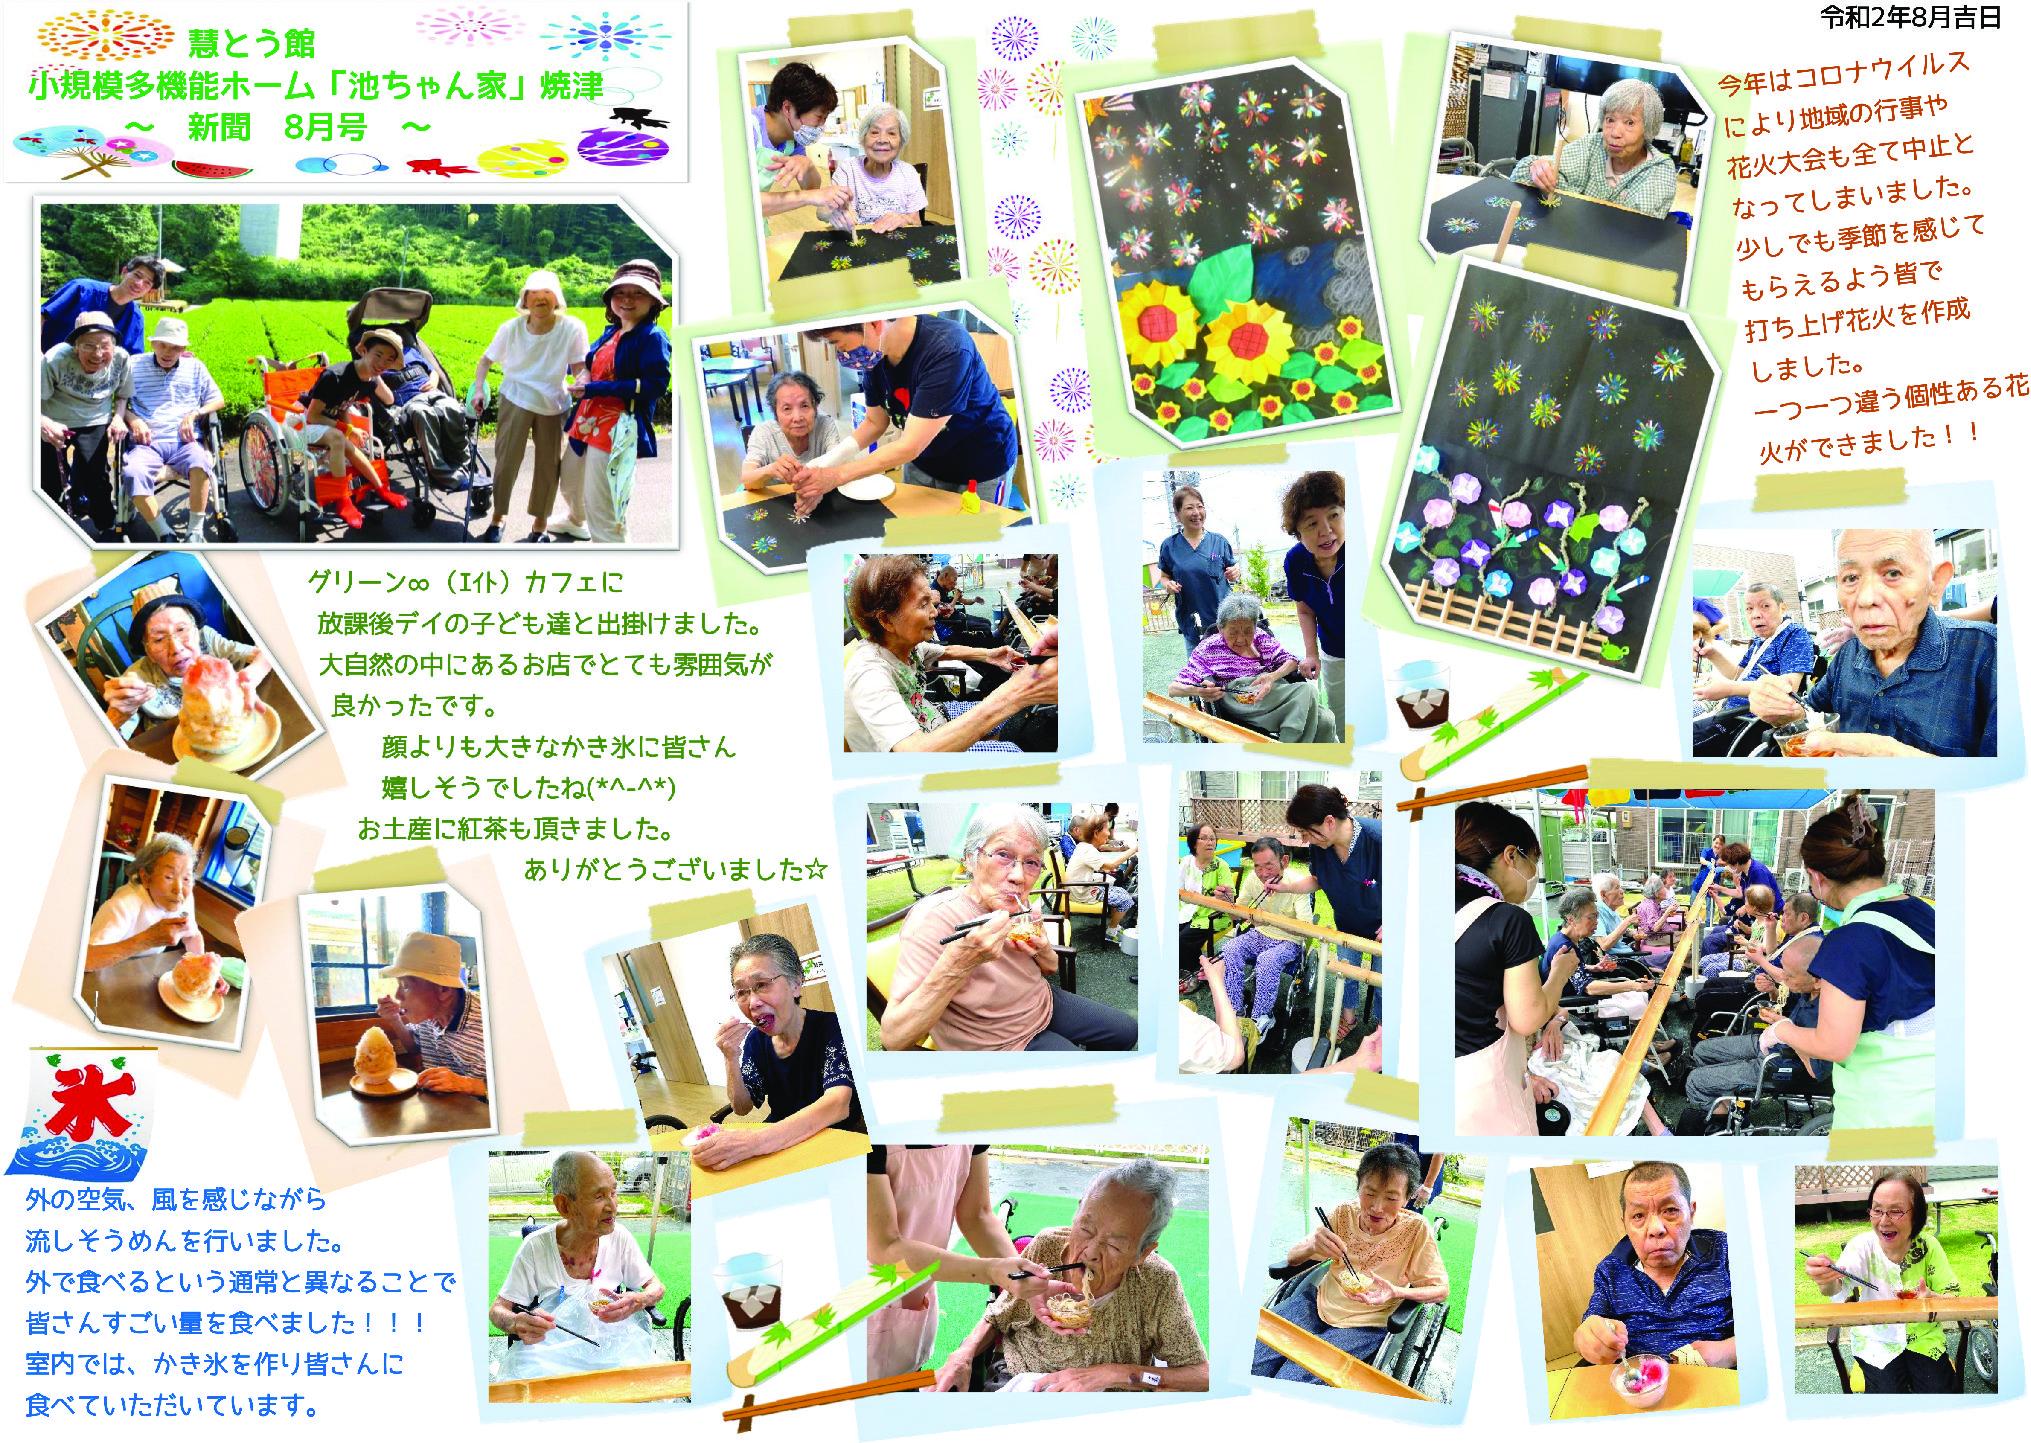 慧とう館 小規模多機能ホーム「池ちゃん家」焼津(令和2年8月)